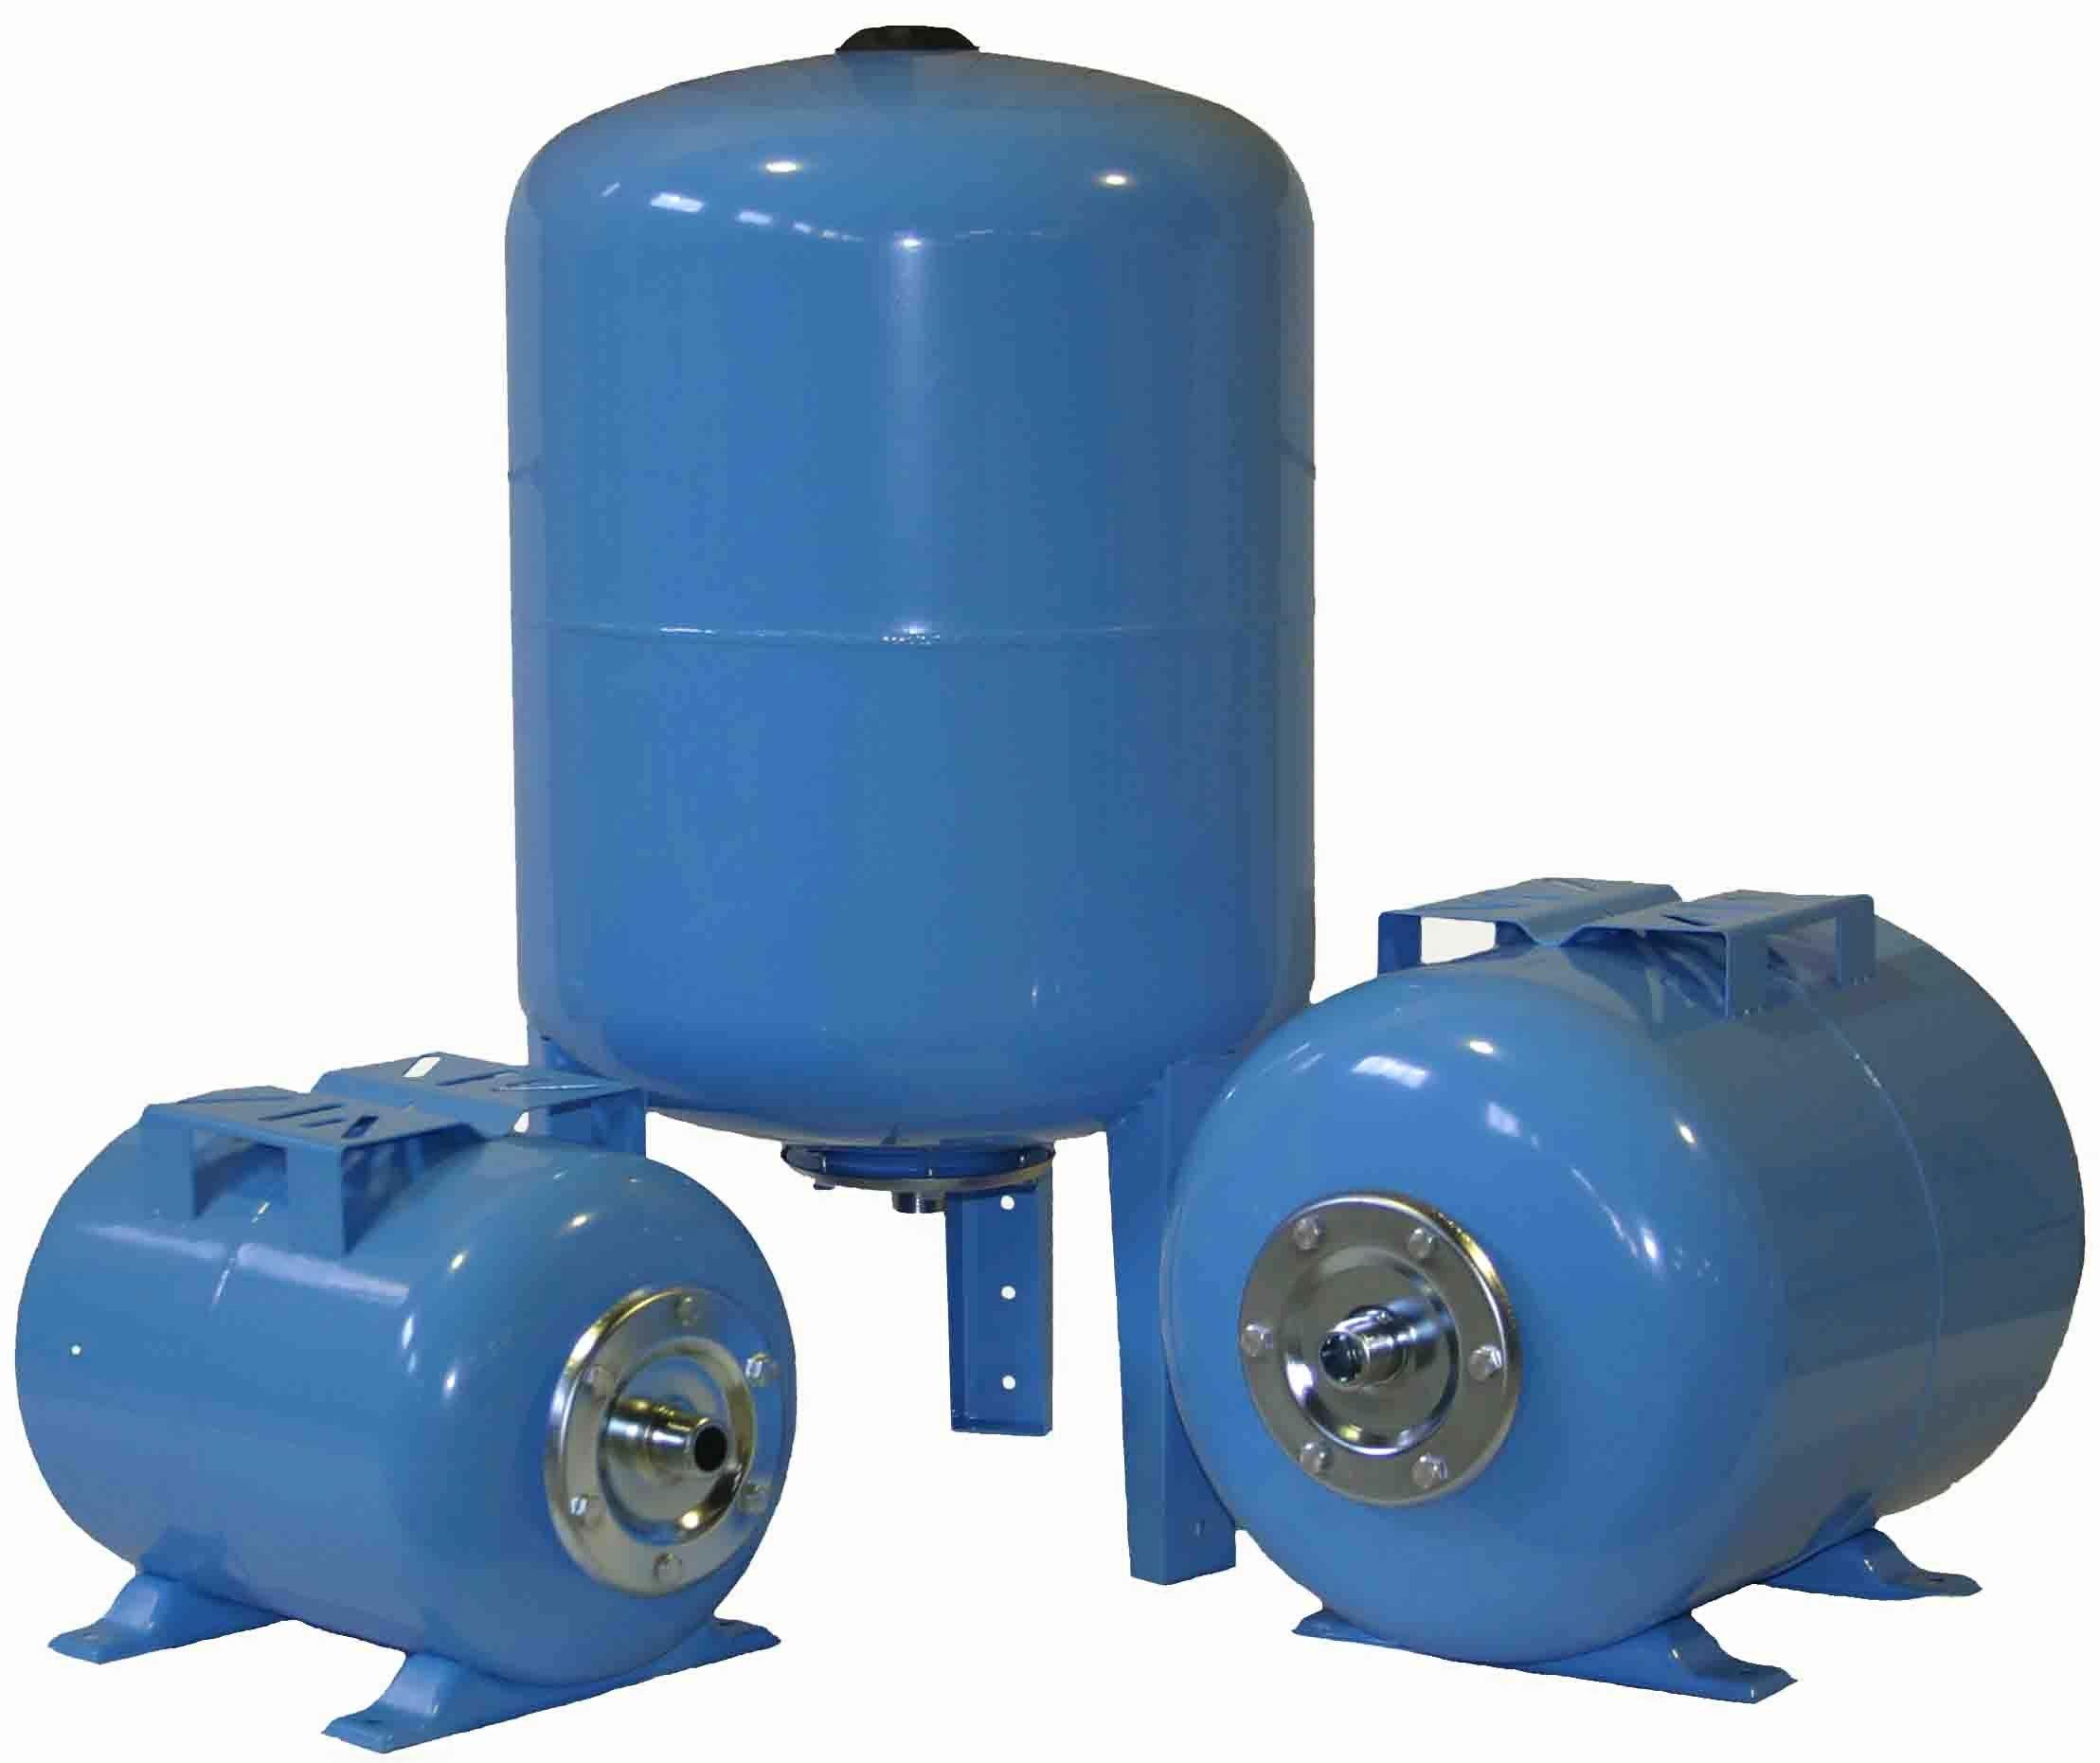 Три насосные станции синего цвета